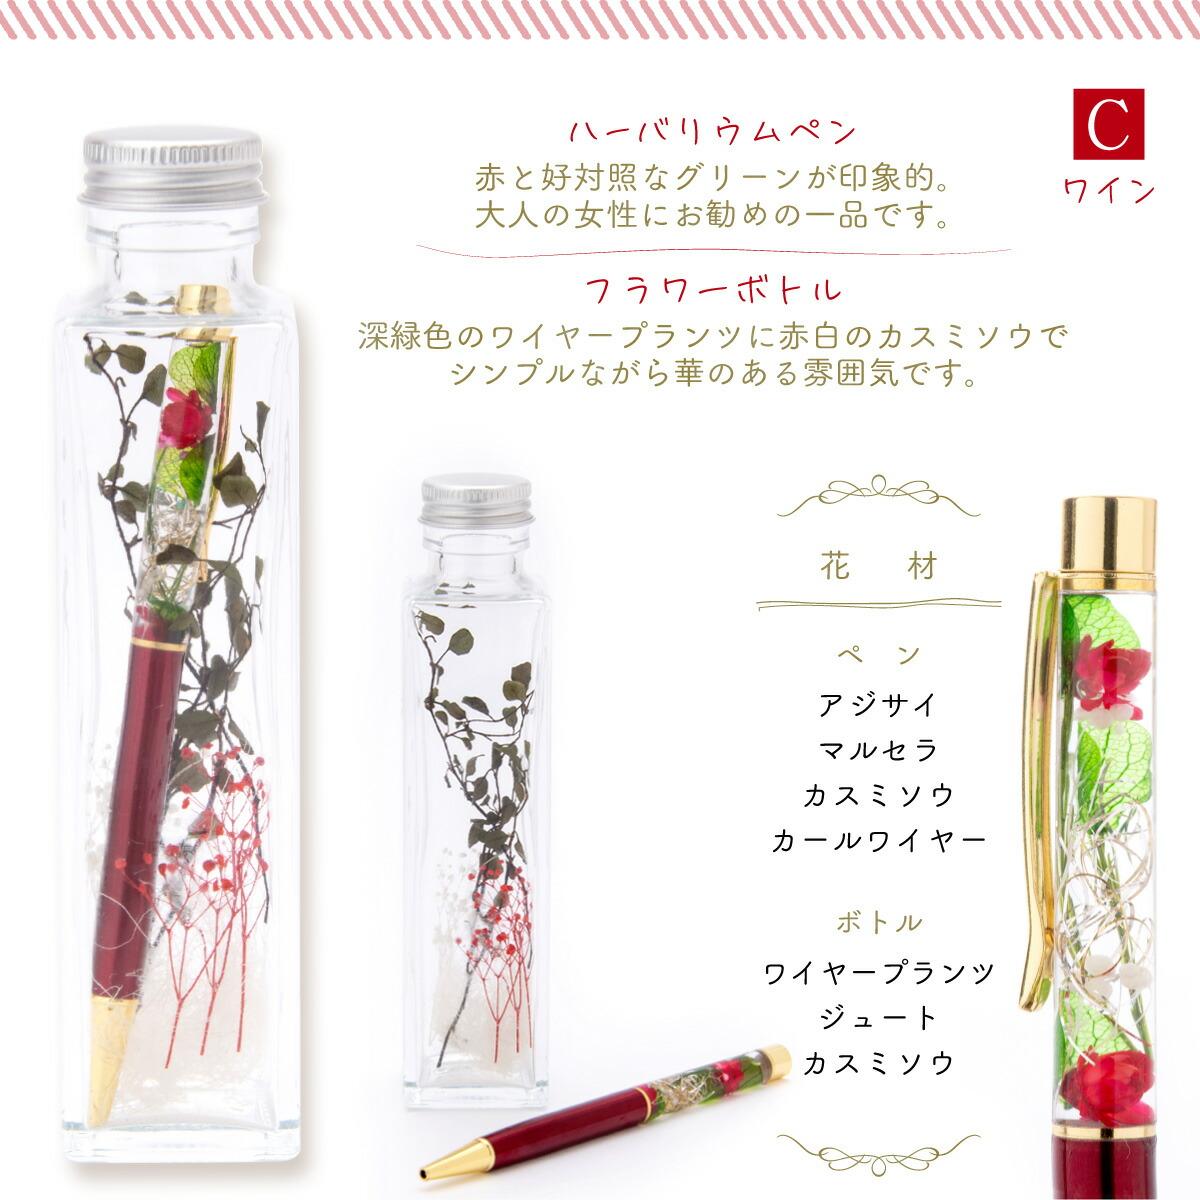 ハーバリウムペンは赤と好対照なグリーンが印象的。大人の女性におすすめの一品です。フラワーボトルは新緑色のワイヤープランツに赤白のかすみ草でシンプルながら、華のある雰囲気です。。使用花材は、あじさい、マルセラ、カールワイヤー、かすみ草、ワイヤープランツ、ジュート